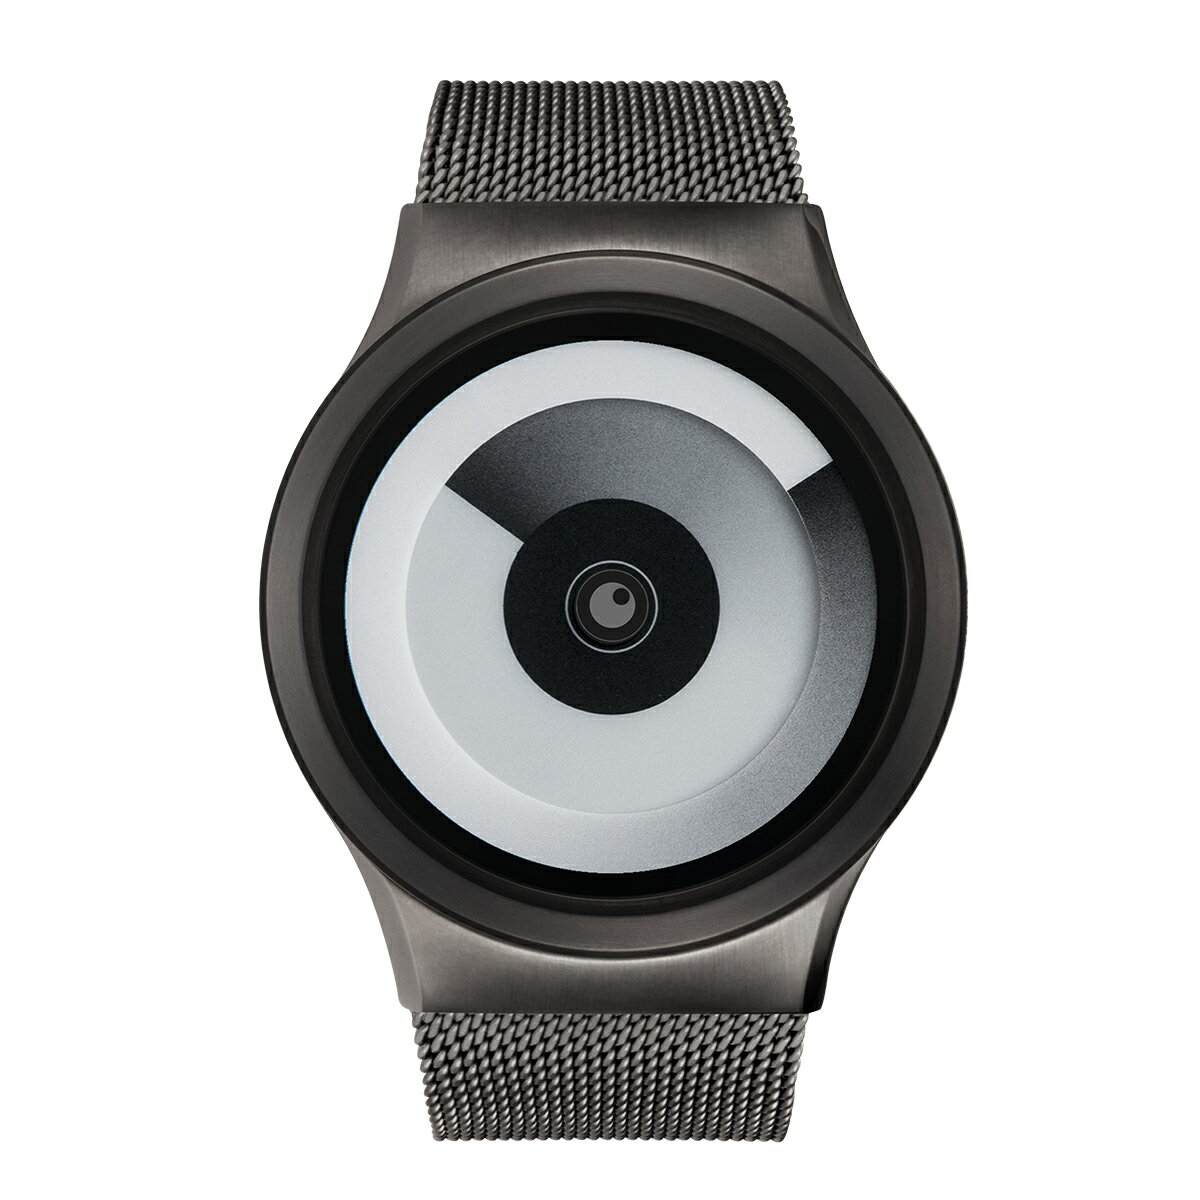 ZEROO SPIRAL GALAXY ゼロ 電池式クォーツ 腕時計 [W06016B02SM02] ホワイト デザインウォッチ ペア用 メンズ レディース ユニセックス おしゃれ時計 デザイナーズ